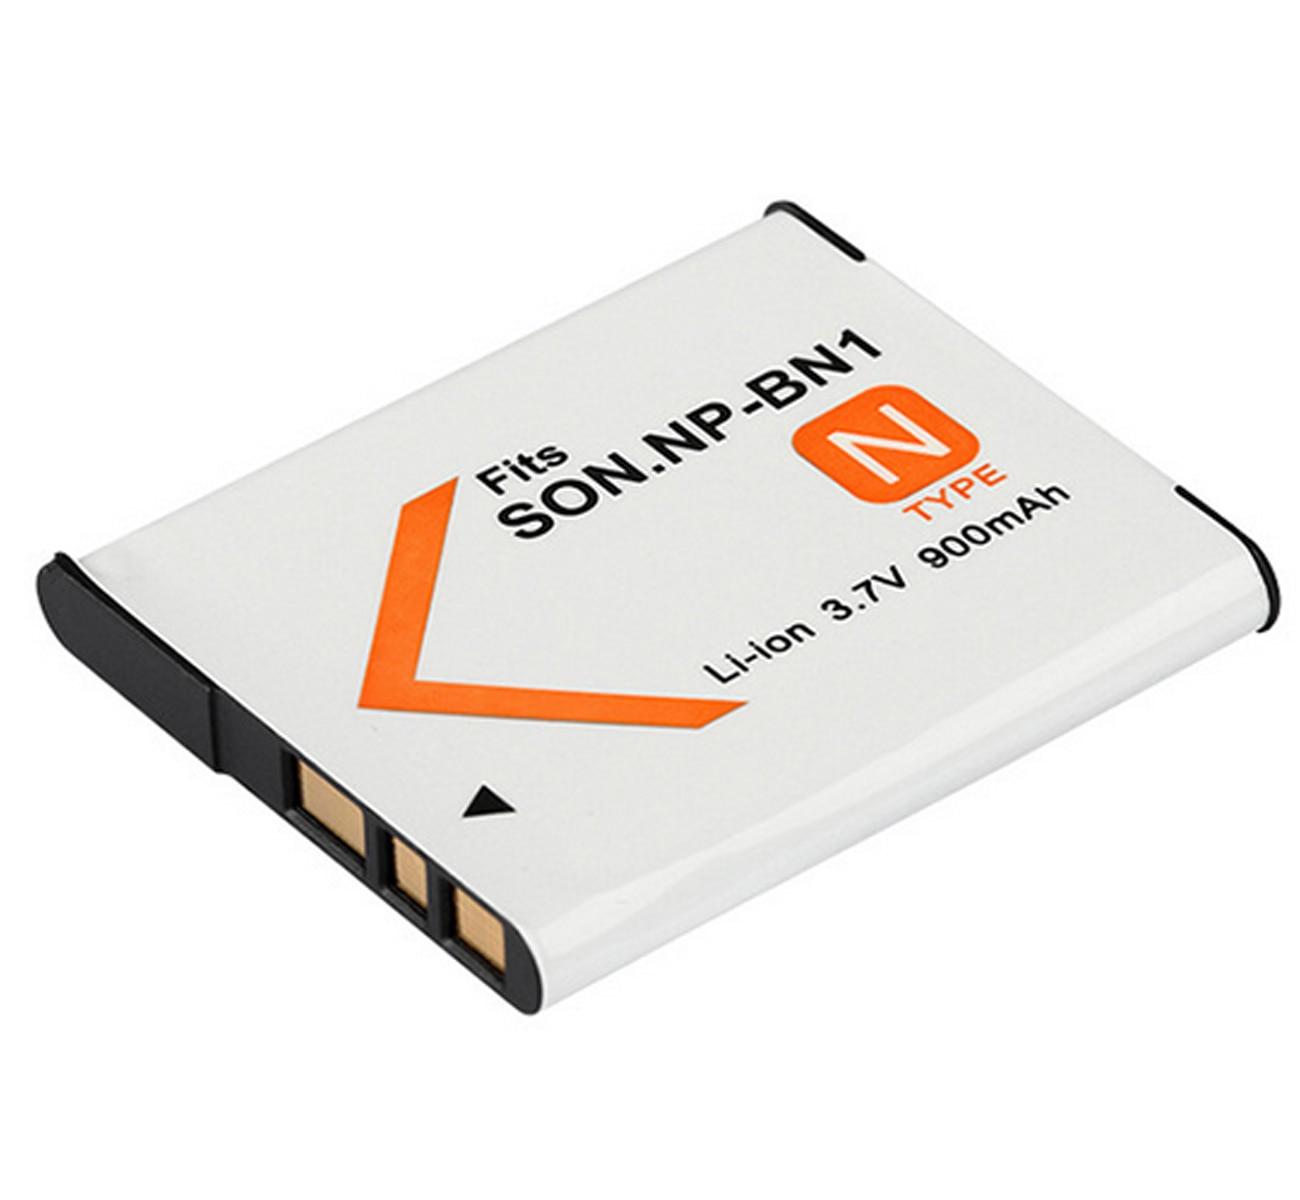 60 W730 W710 QX10 QX30 Sony Battery Np-Bn DSC-TX-300-200 66-20 WX-100-150